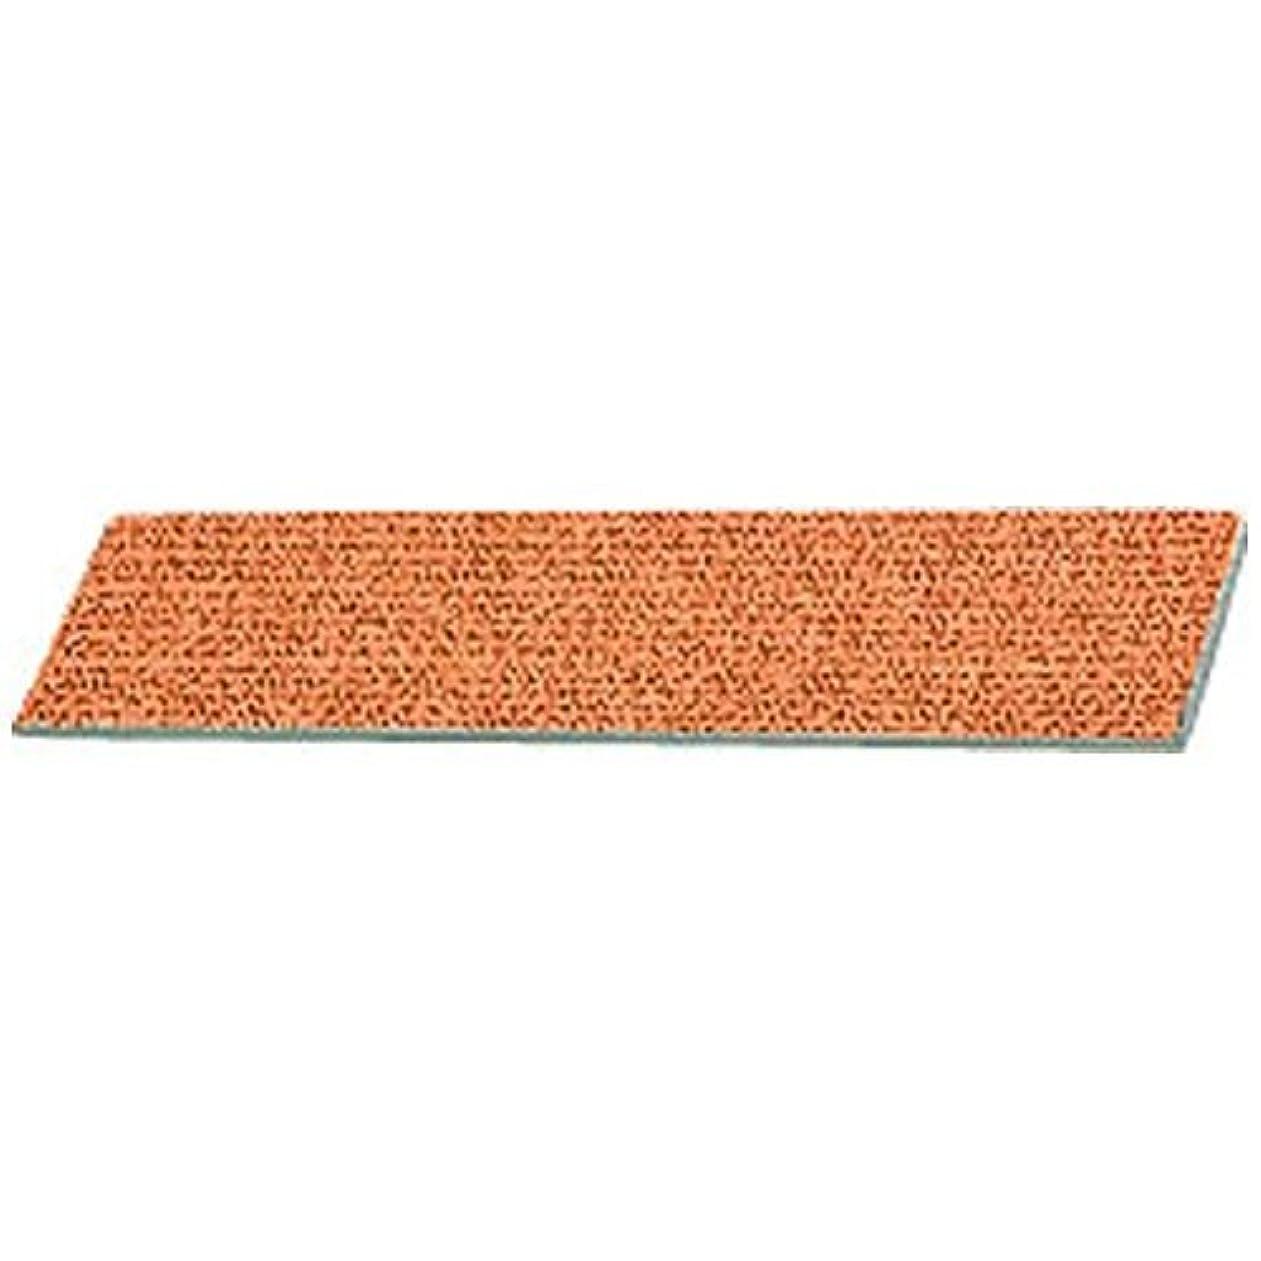 瞑想的指令わずかな三菱重工 交換用フィルター 水洗いサンフィルター 1枚 LCF41